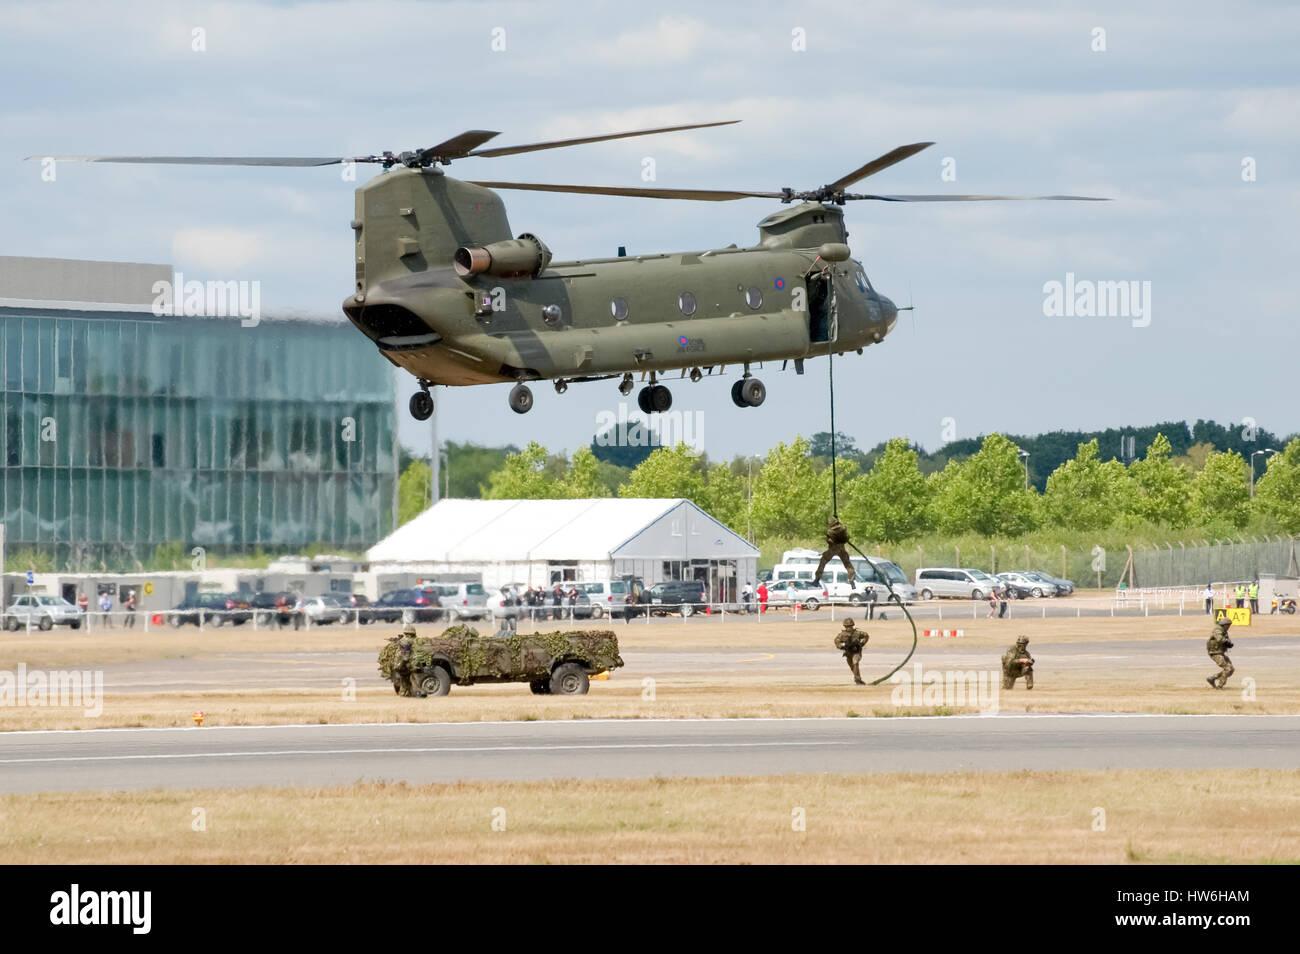 RAF helicópteros Chinook dando un vehículo y el despliegue de tropas demostración en el Salón Imagen De Stock